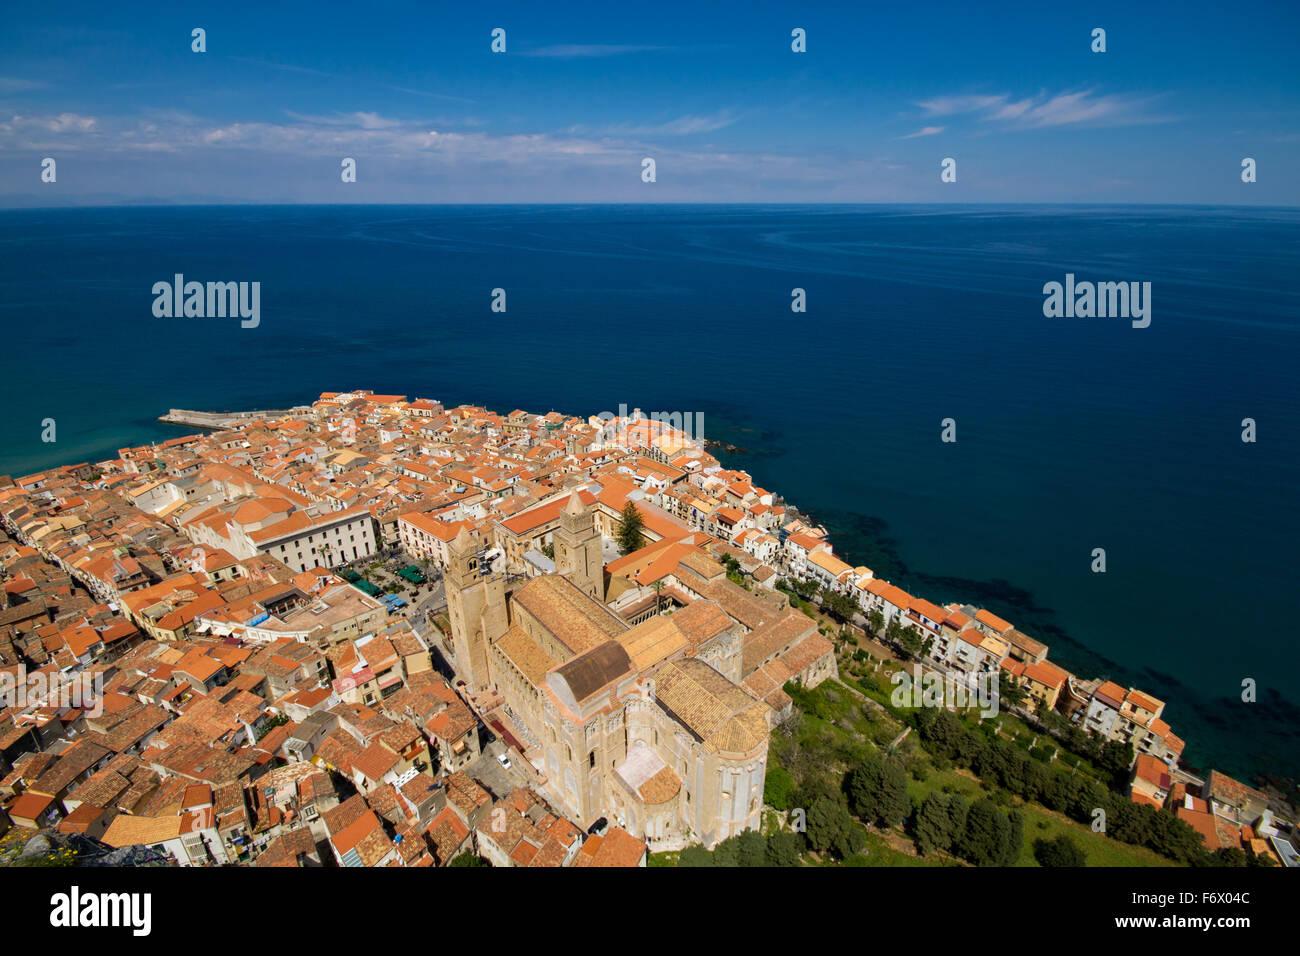 Panorama von Cefalu - Weitwinkel Version, Sizilien, Italien Stockbild